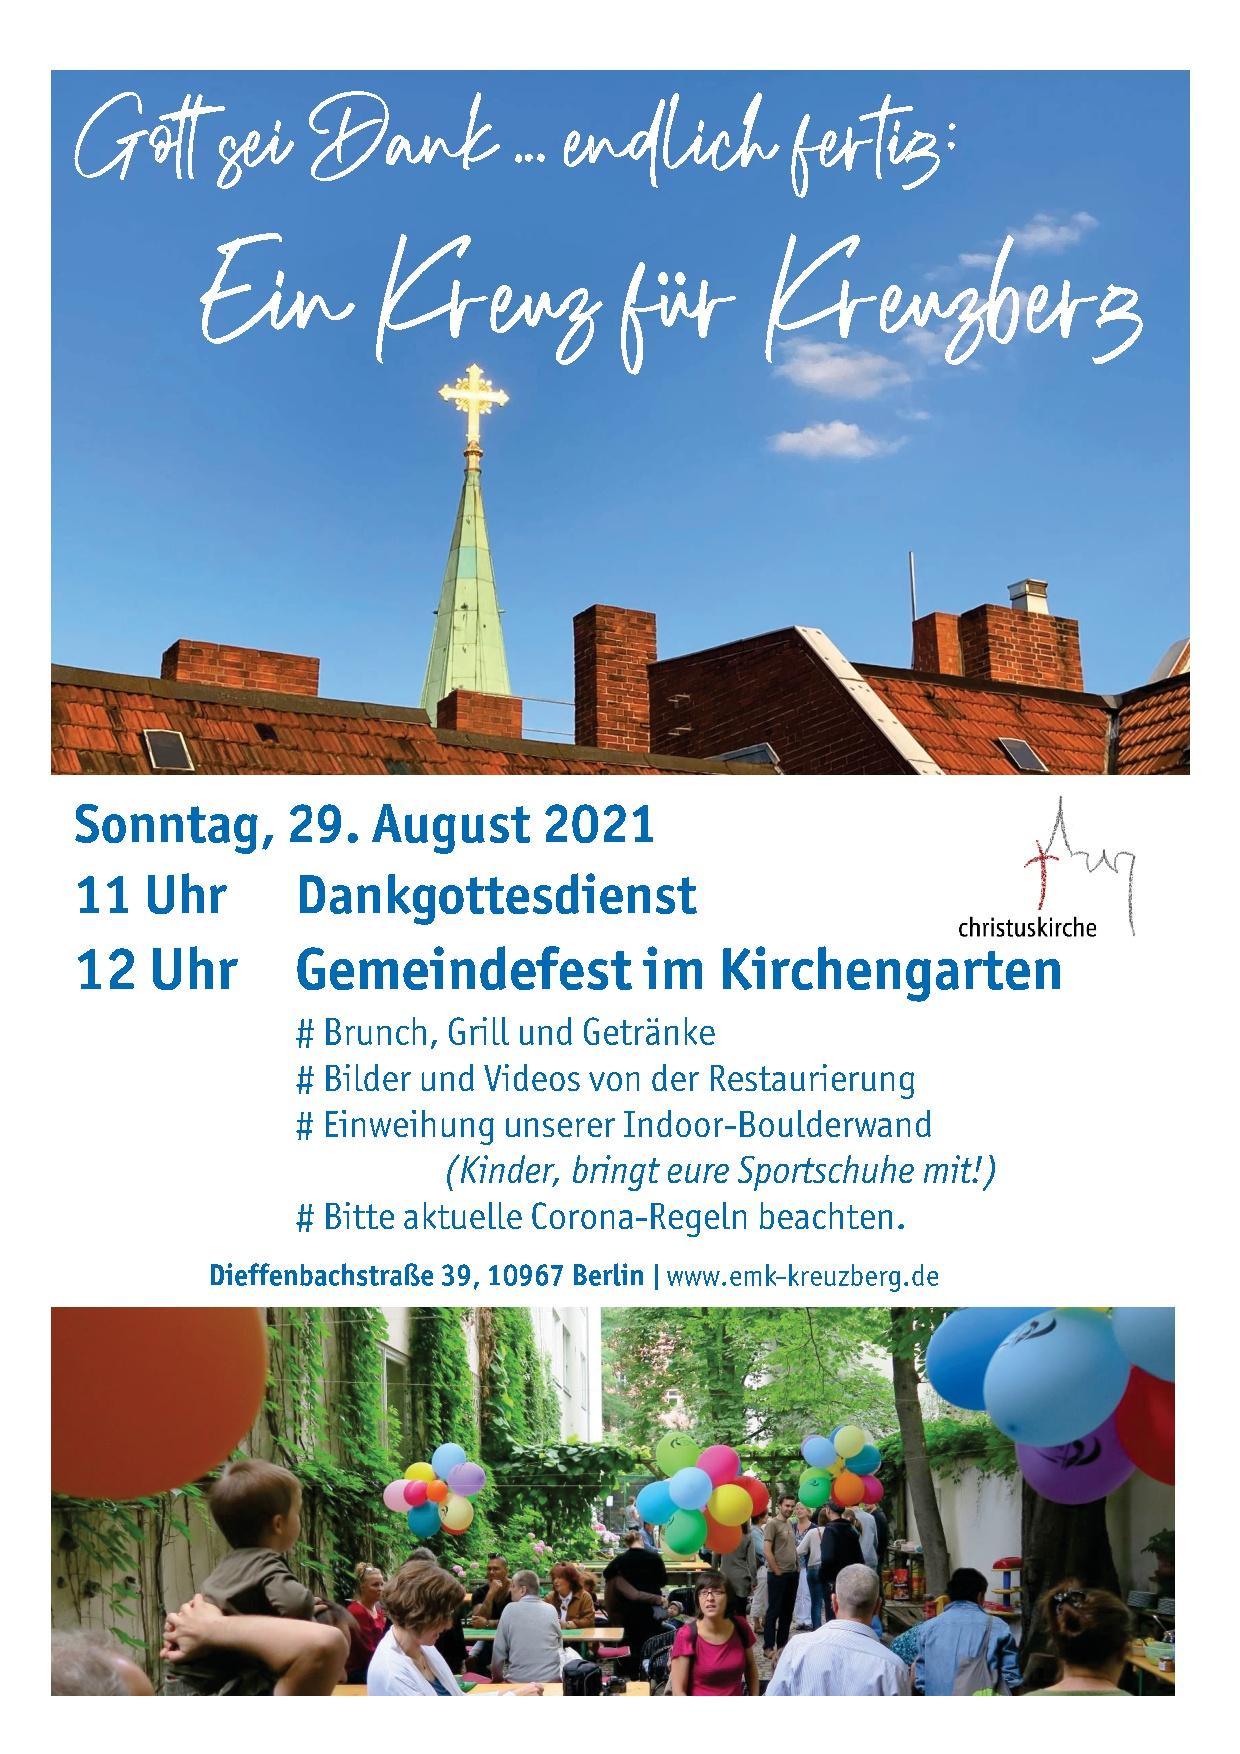 29. August: Gott, sei Dank, endlich fertig! Ein Kreuz für Kreuzberg.